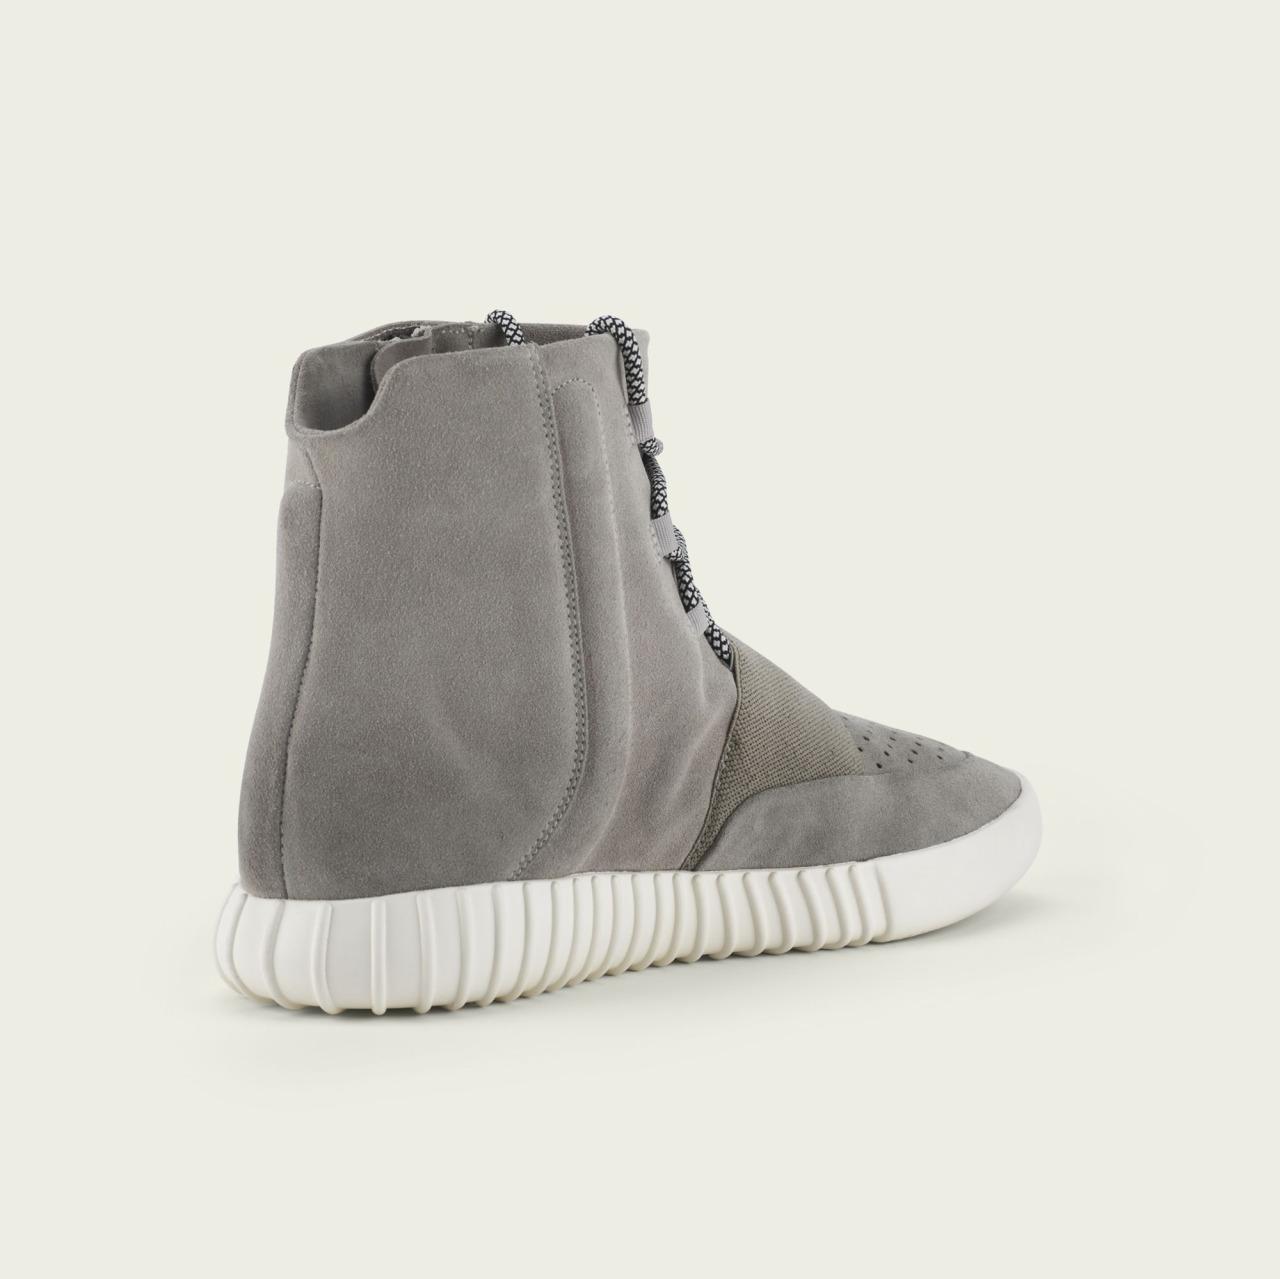 Adidas Yeezy 750 совместно с Kanye West